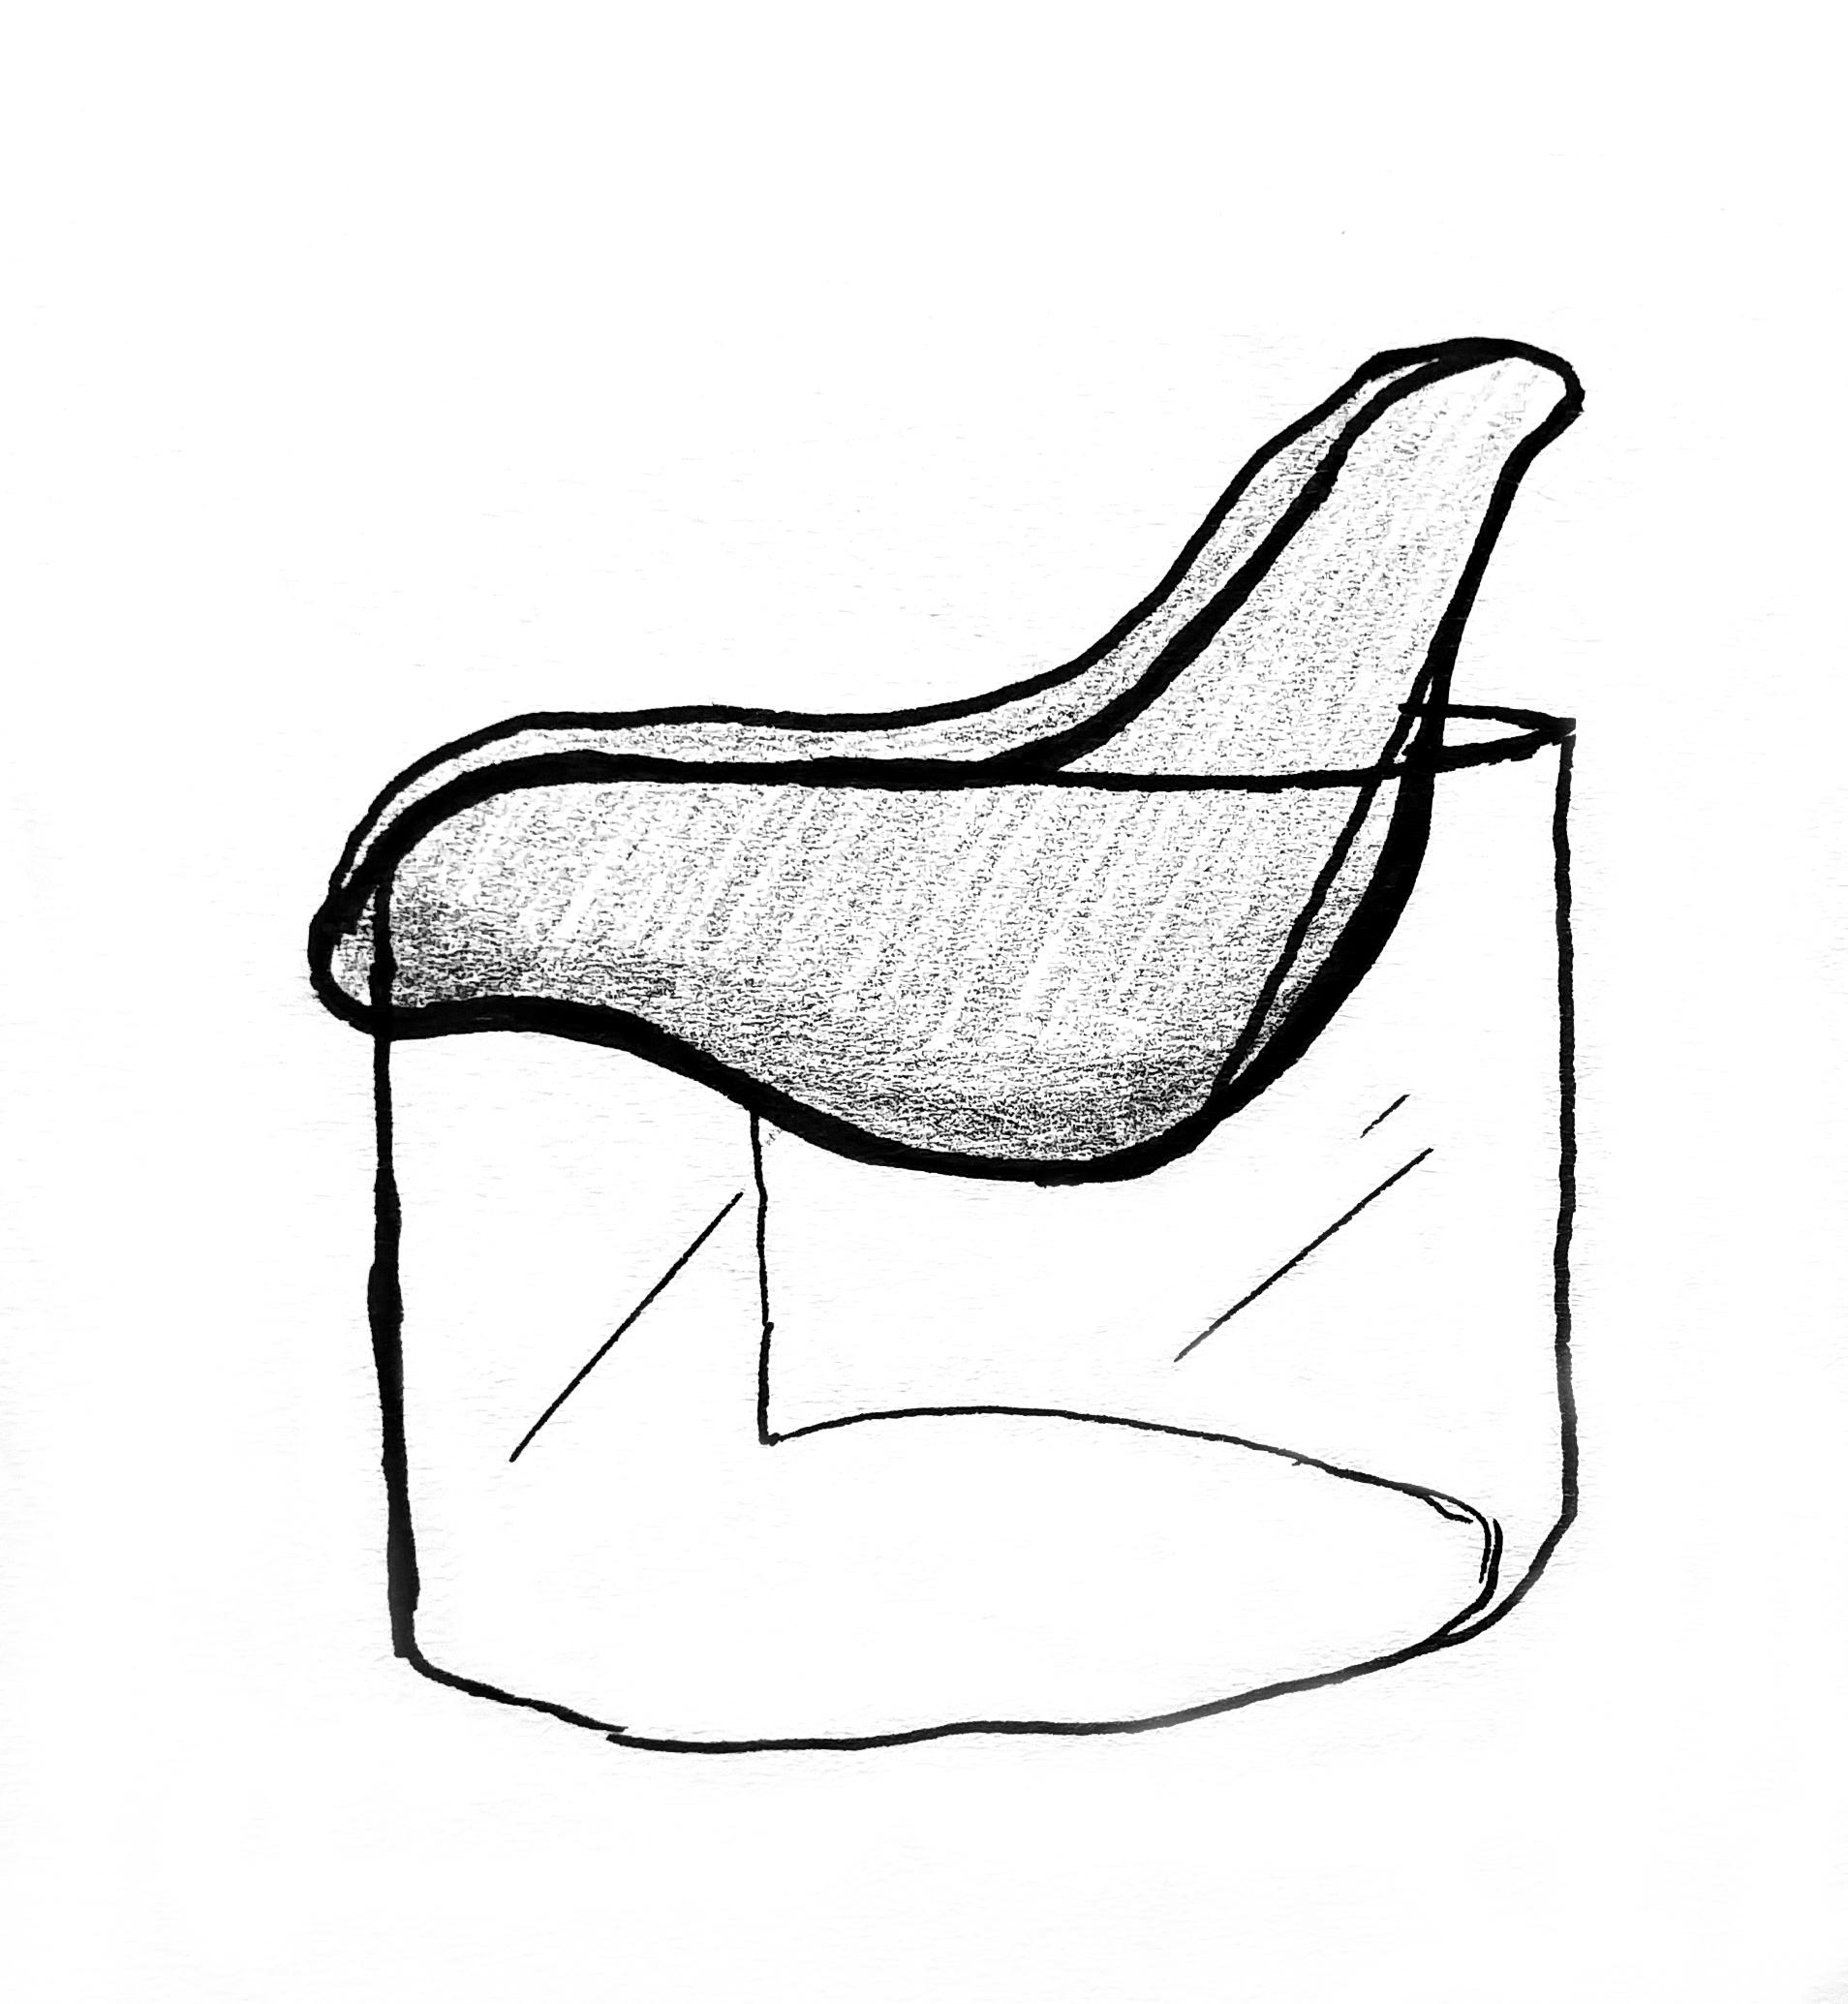 fauteuil-01-Olivier-Bacin-D-Lange.jpg